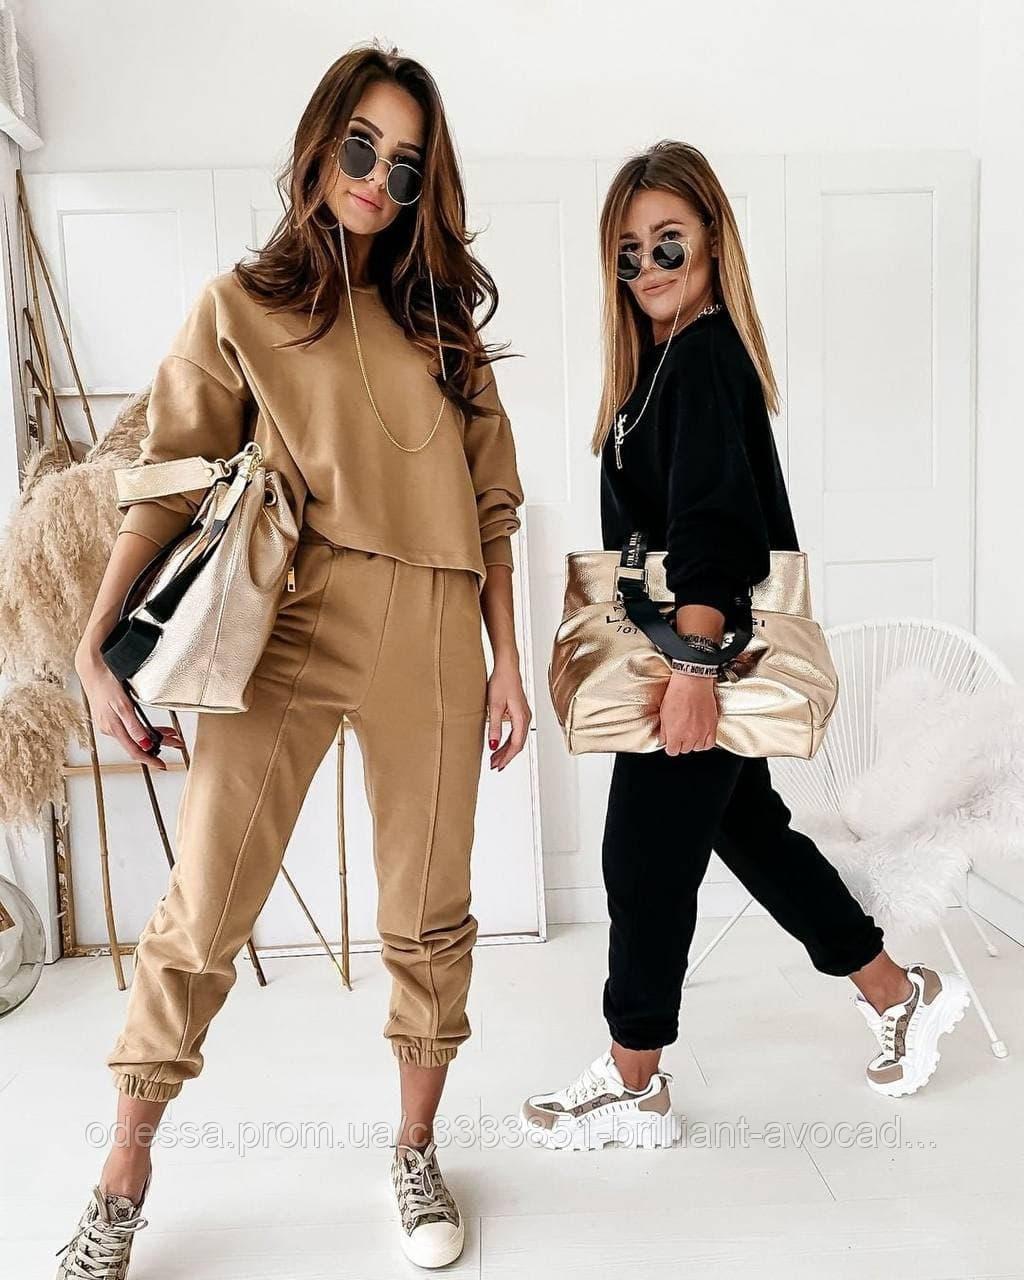 Женский стильный костюм двойка (укороченная кофта и штаны с высокой талией)